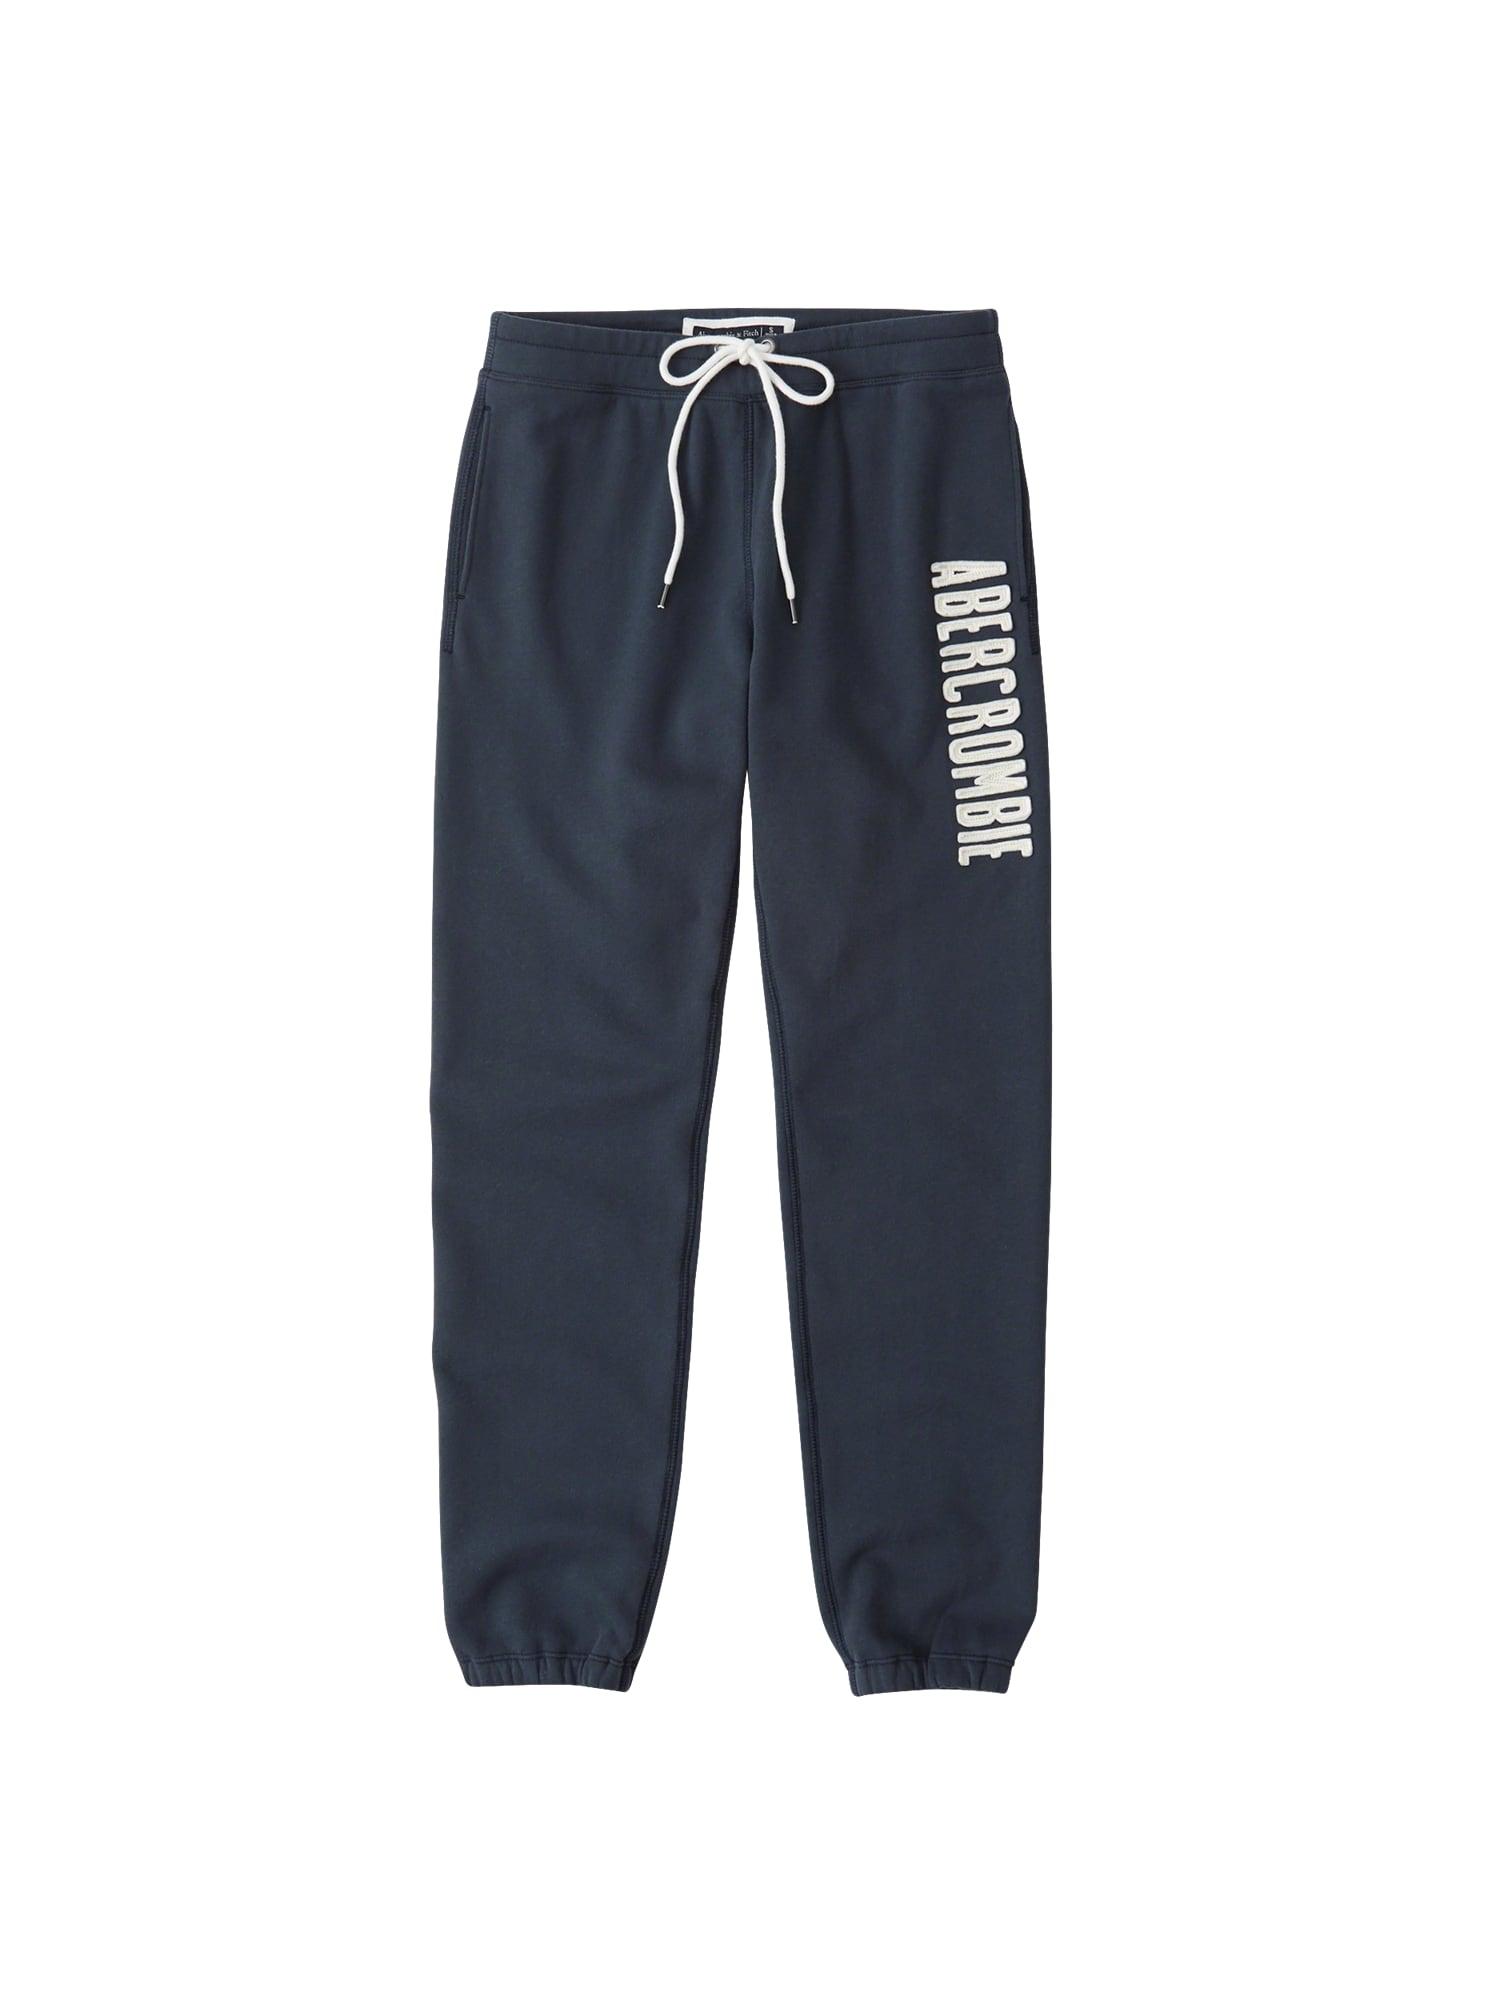 Kalhoty SB18-LONG LIFE LOGO T1T4 FULL YEAR 2CC námořnická modř Abercrombie & Fitch